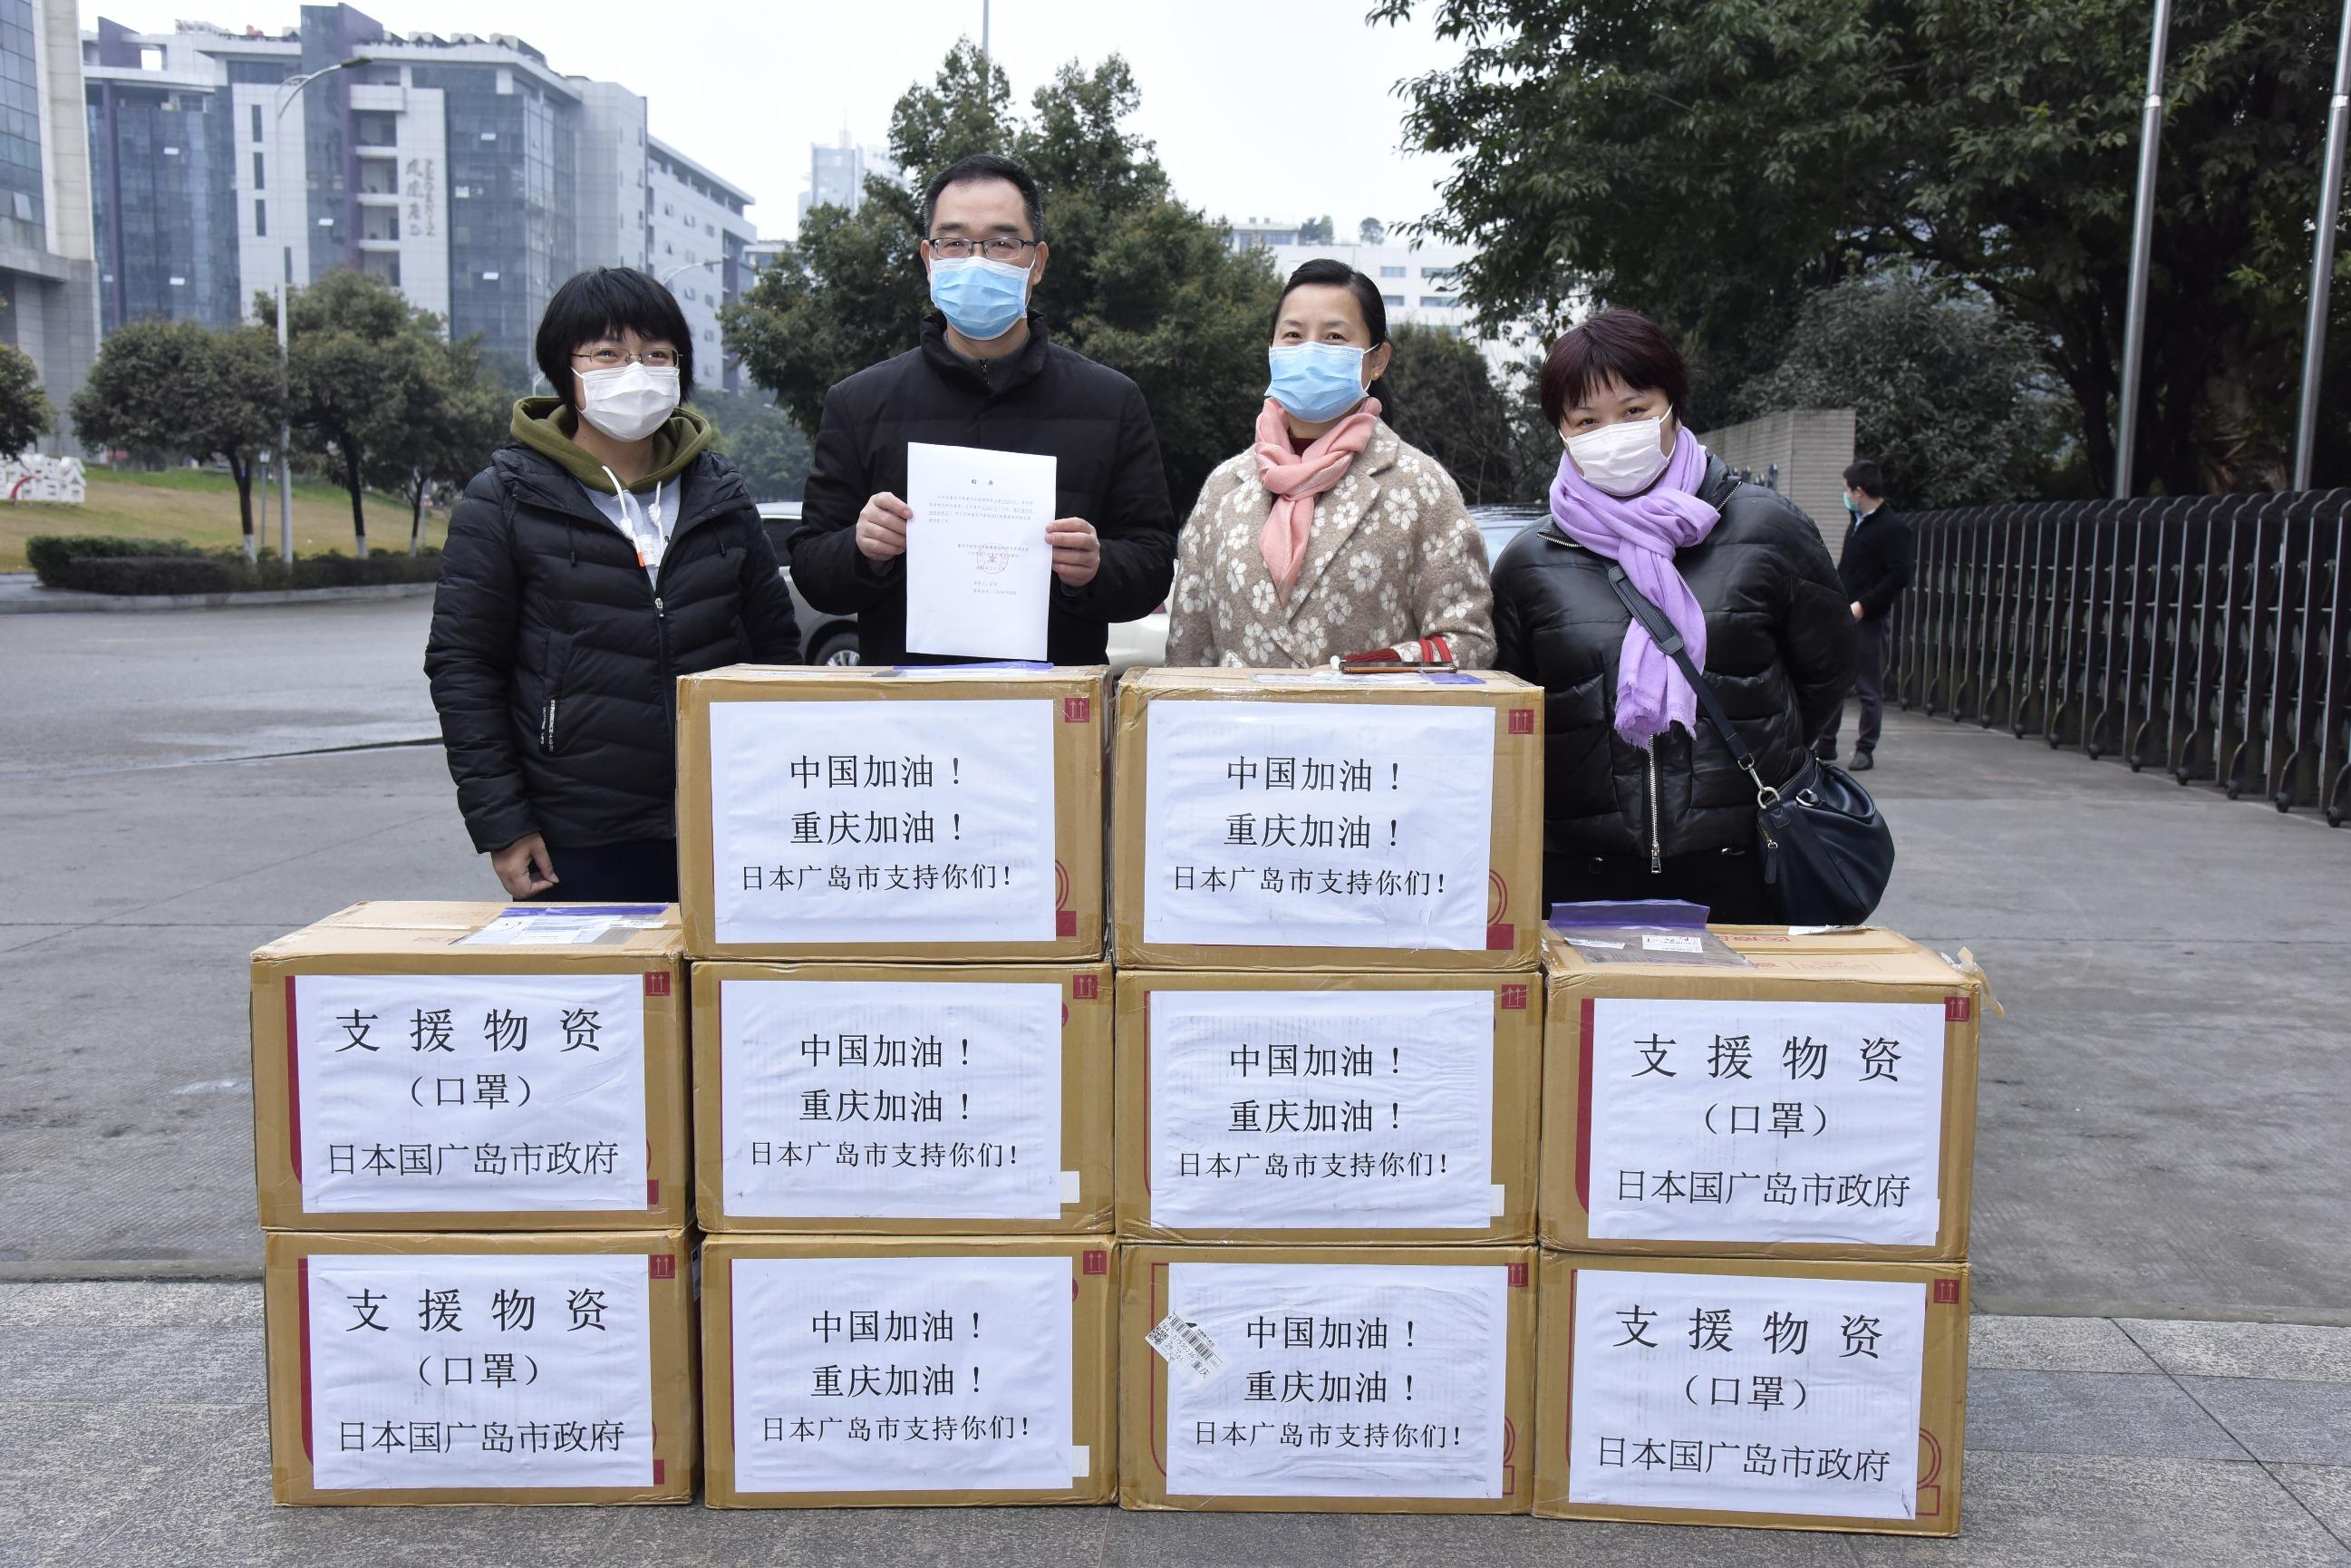 広島市が重慶市に医療用マスク3万950枚寄贈